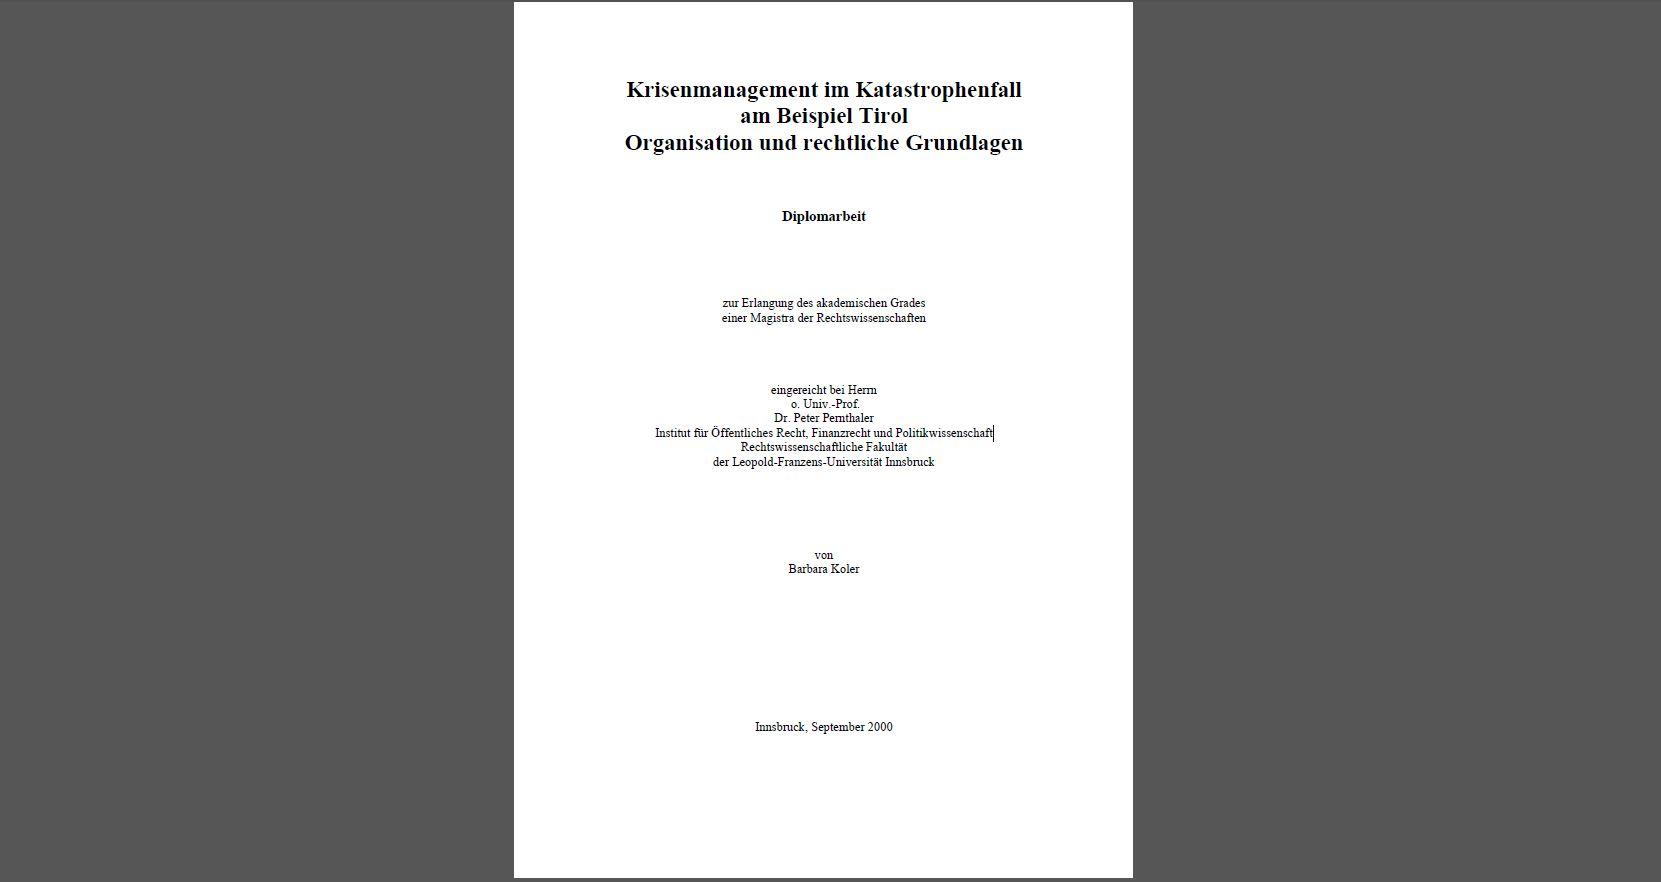 Diplomarbeit Barbara Koler